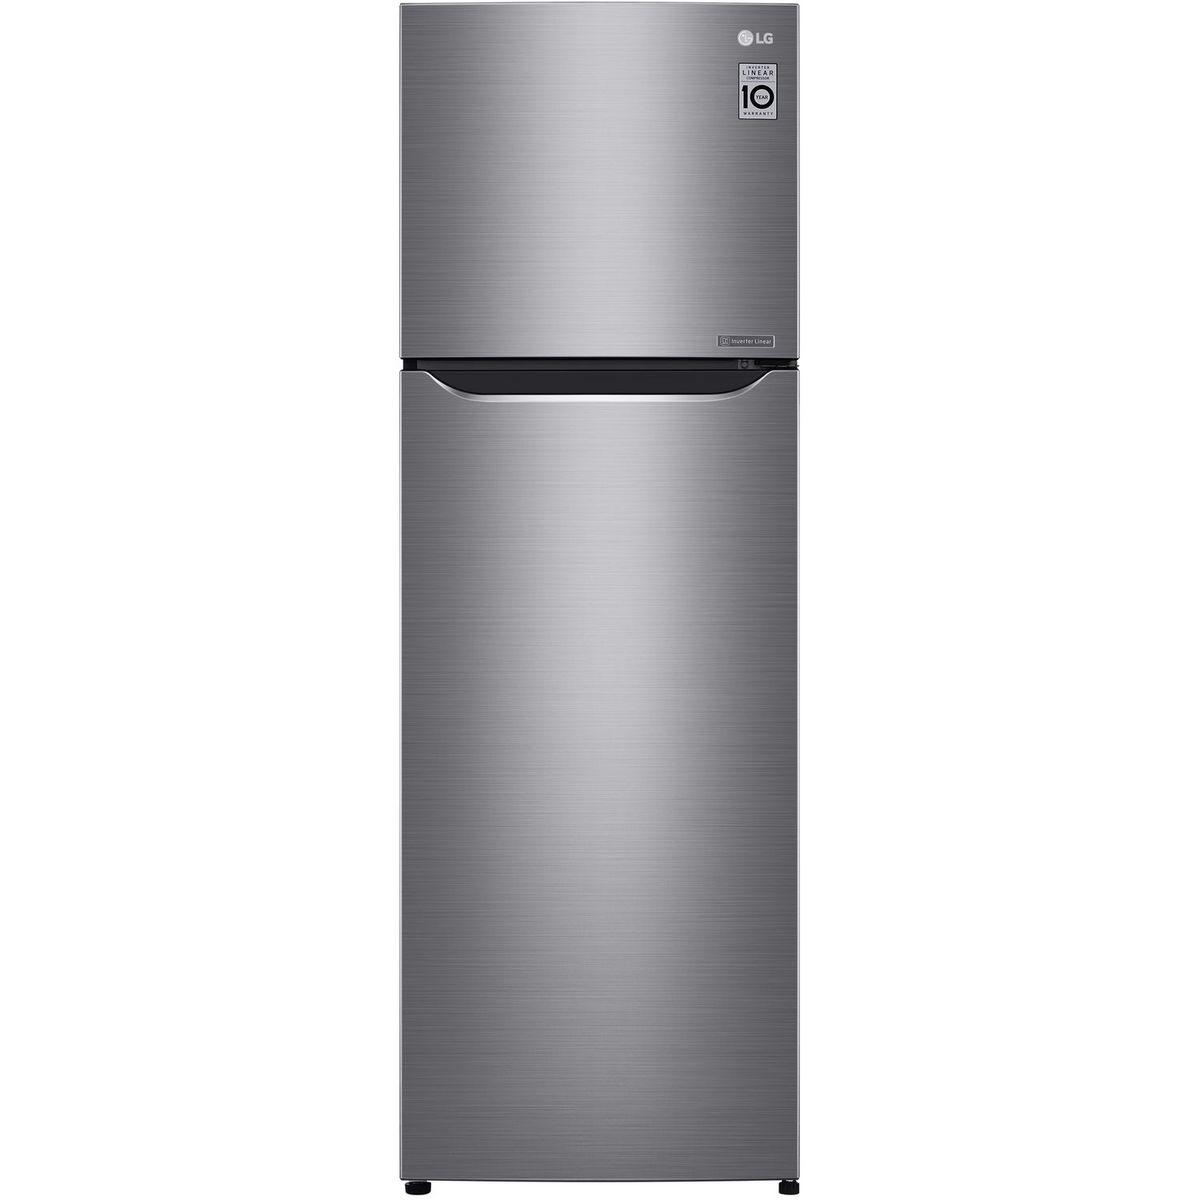 Réfrigérateur 2 portes GT5525PS, 254 L, Froid No Frost